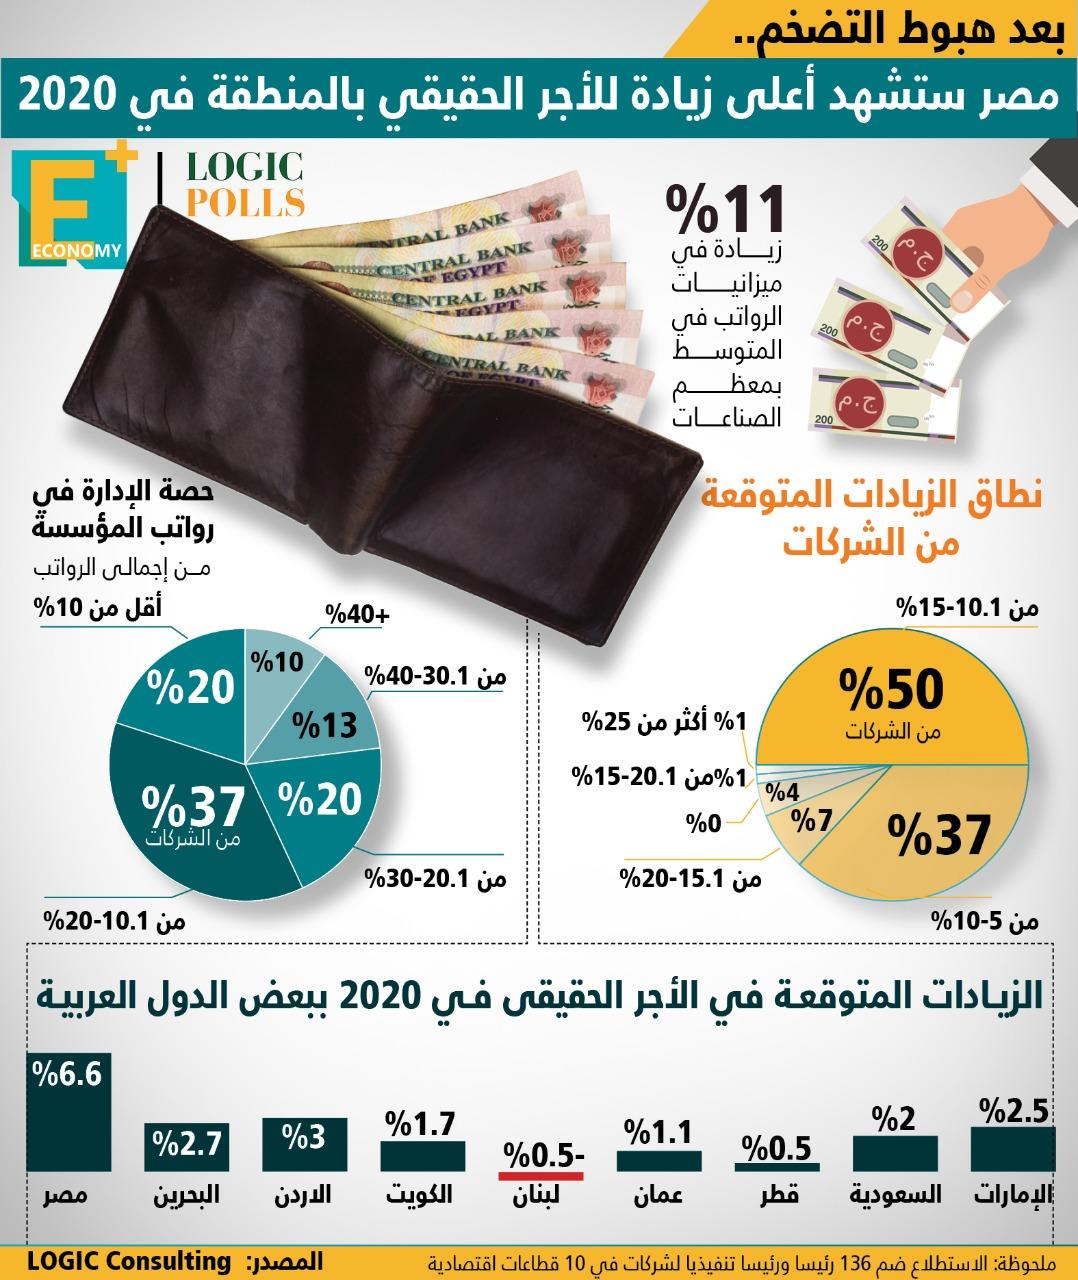 مصر ستشهد أعلى زيادة للأجر الحقيقي بالمنطقة في 2020